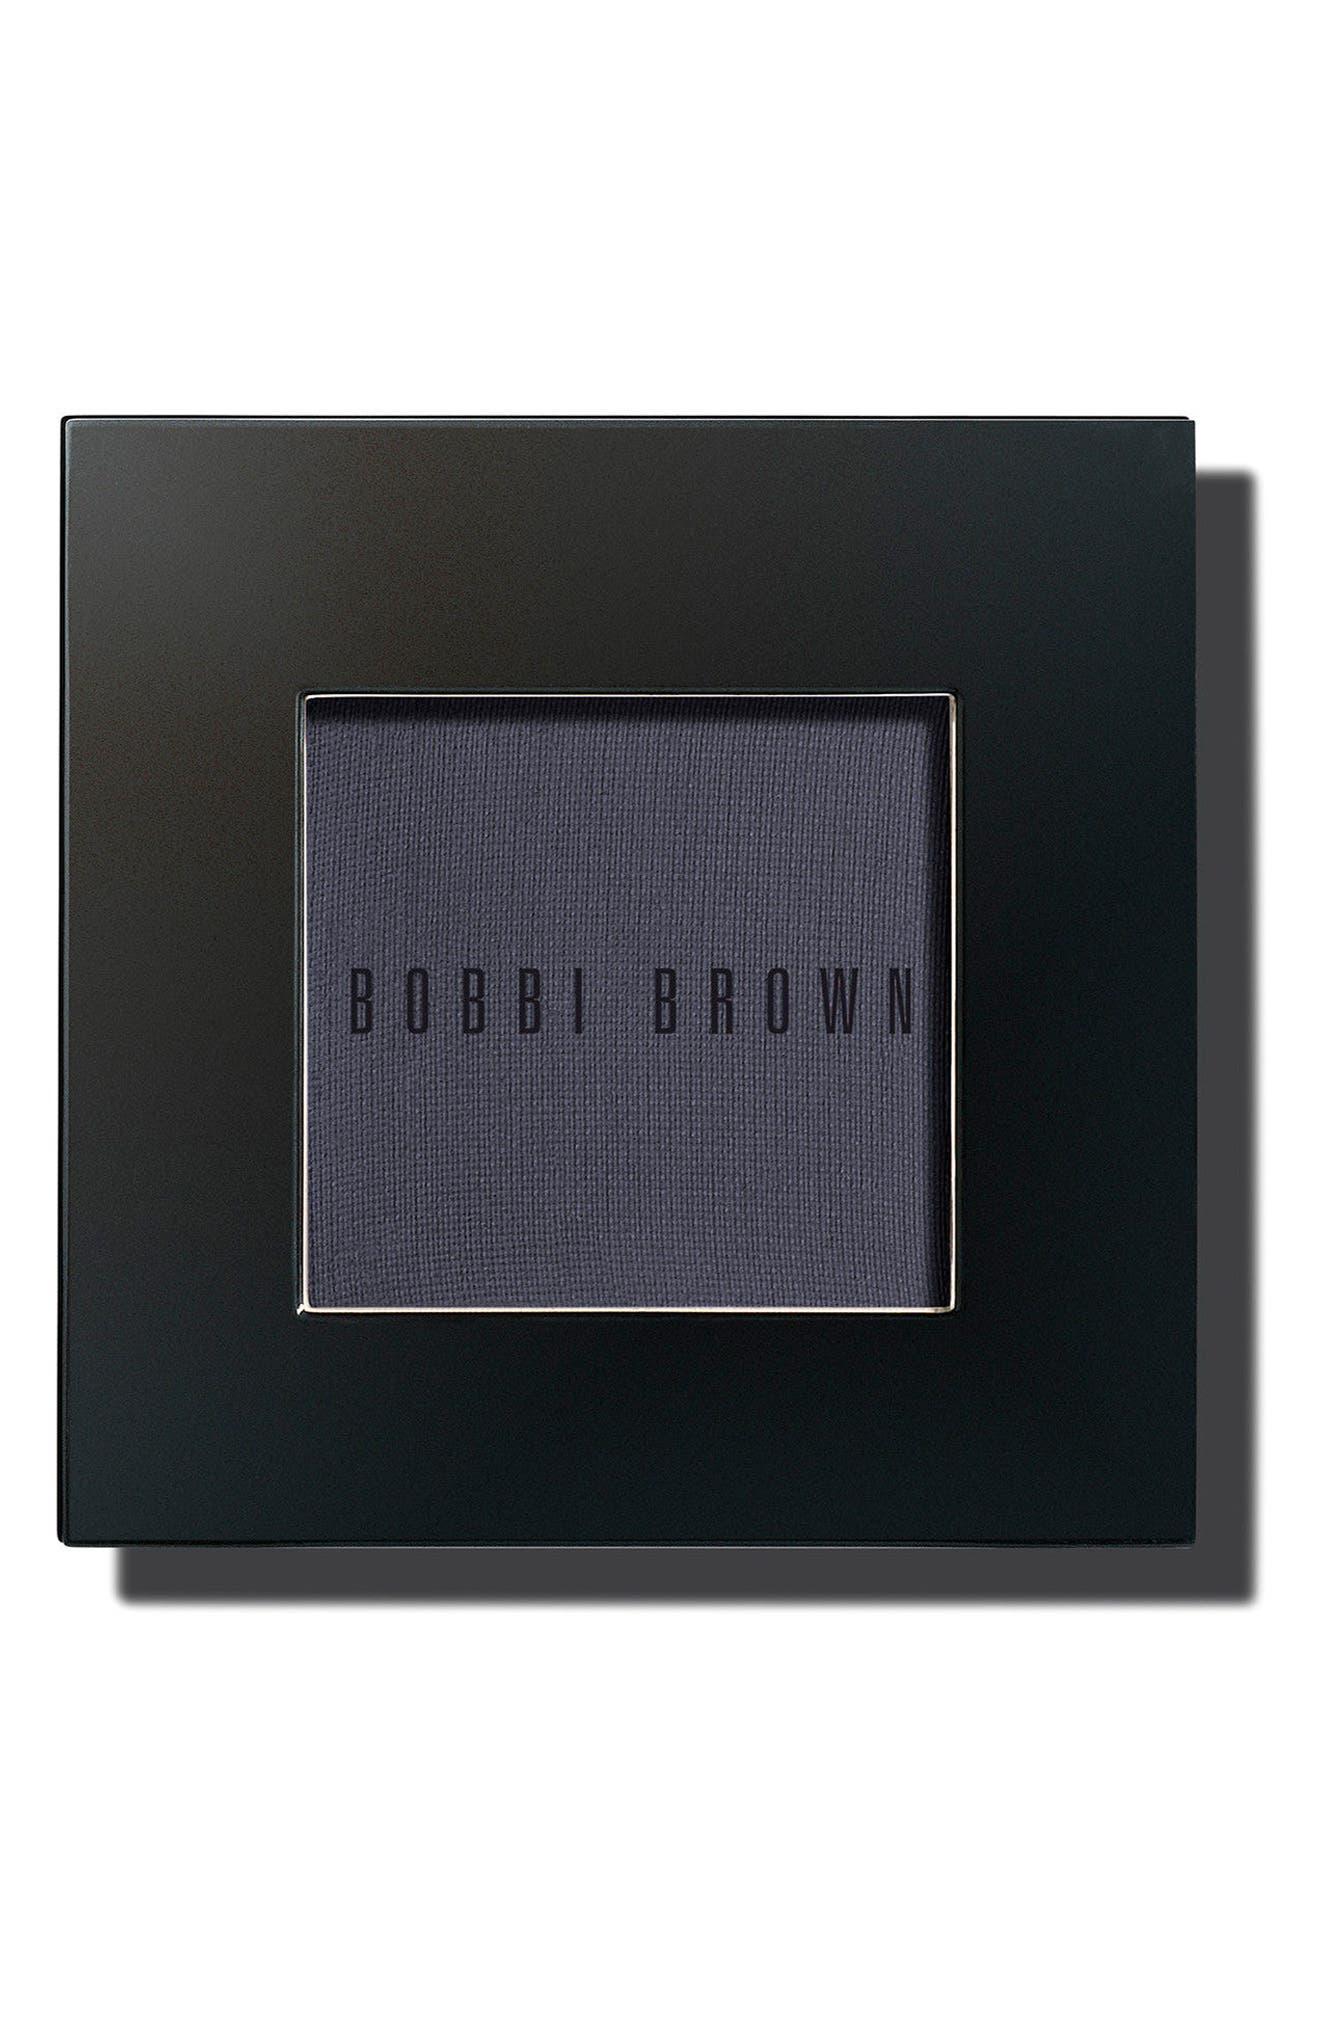 BOBBI BROWN, Eyeshadow, Main thumbnail 1, color, RICH NAVY